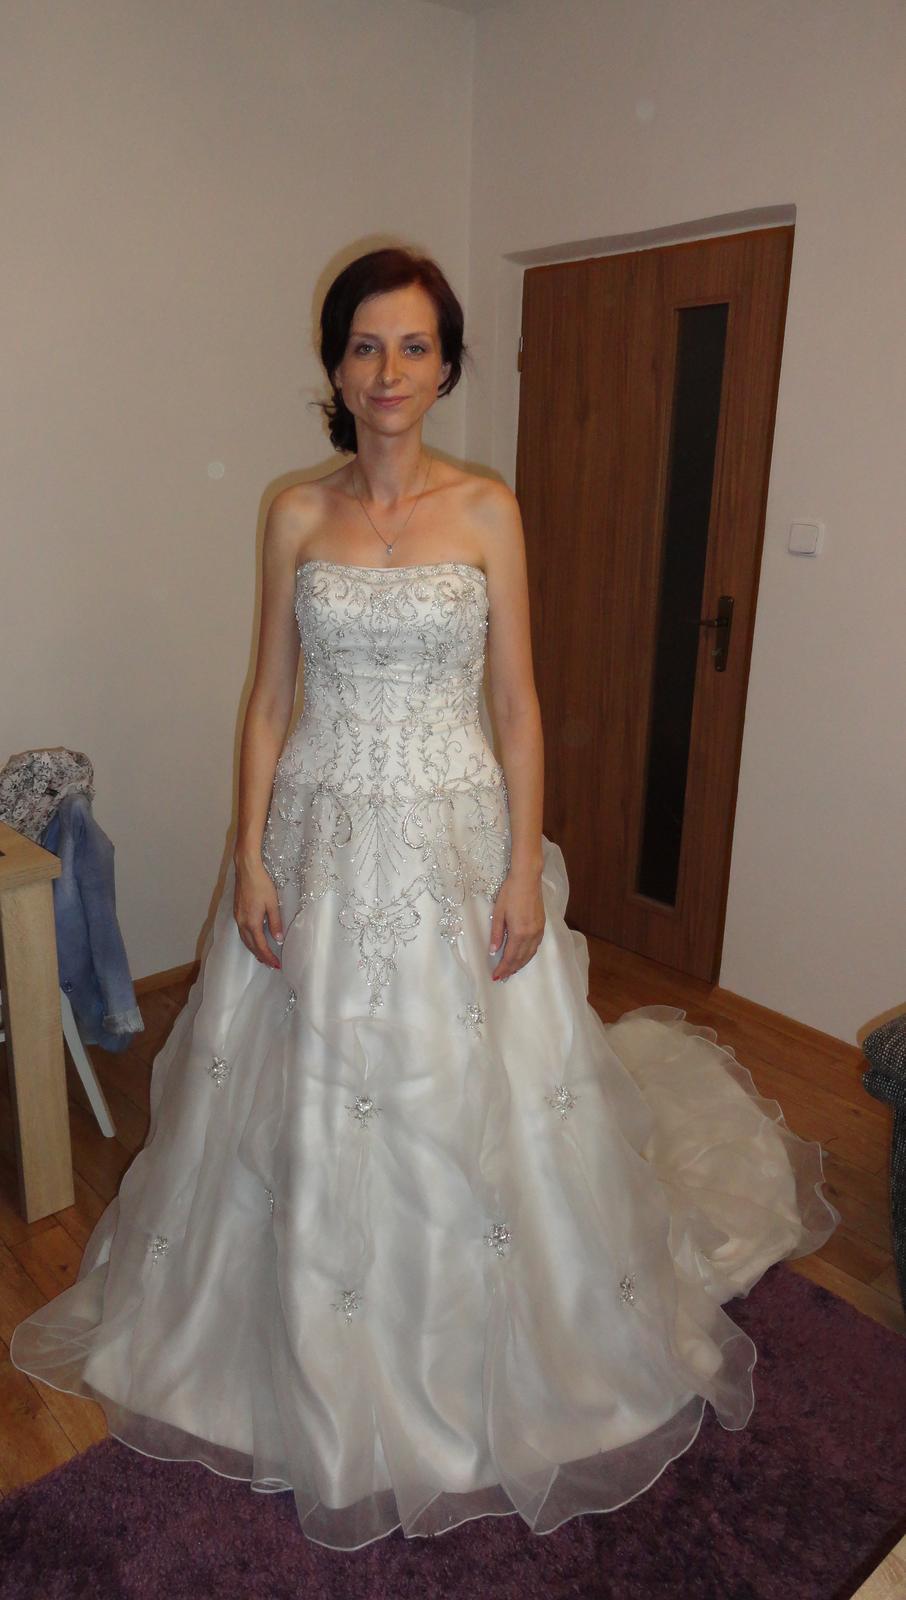 d3cc3a5a691 Svatební šaty